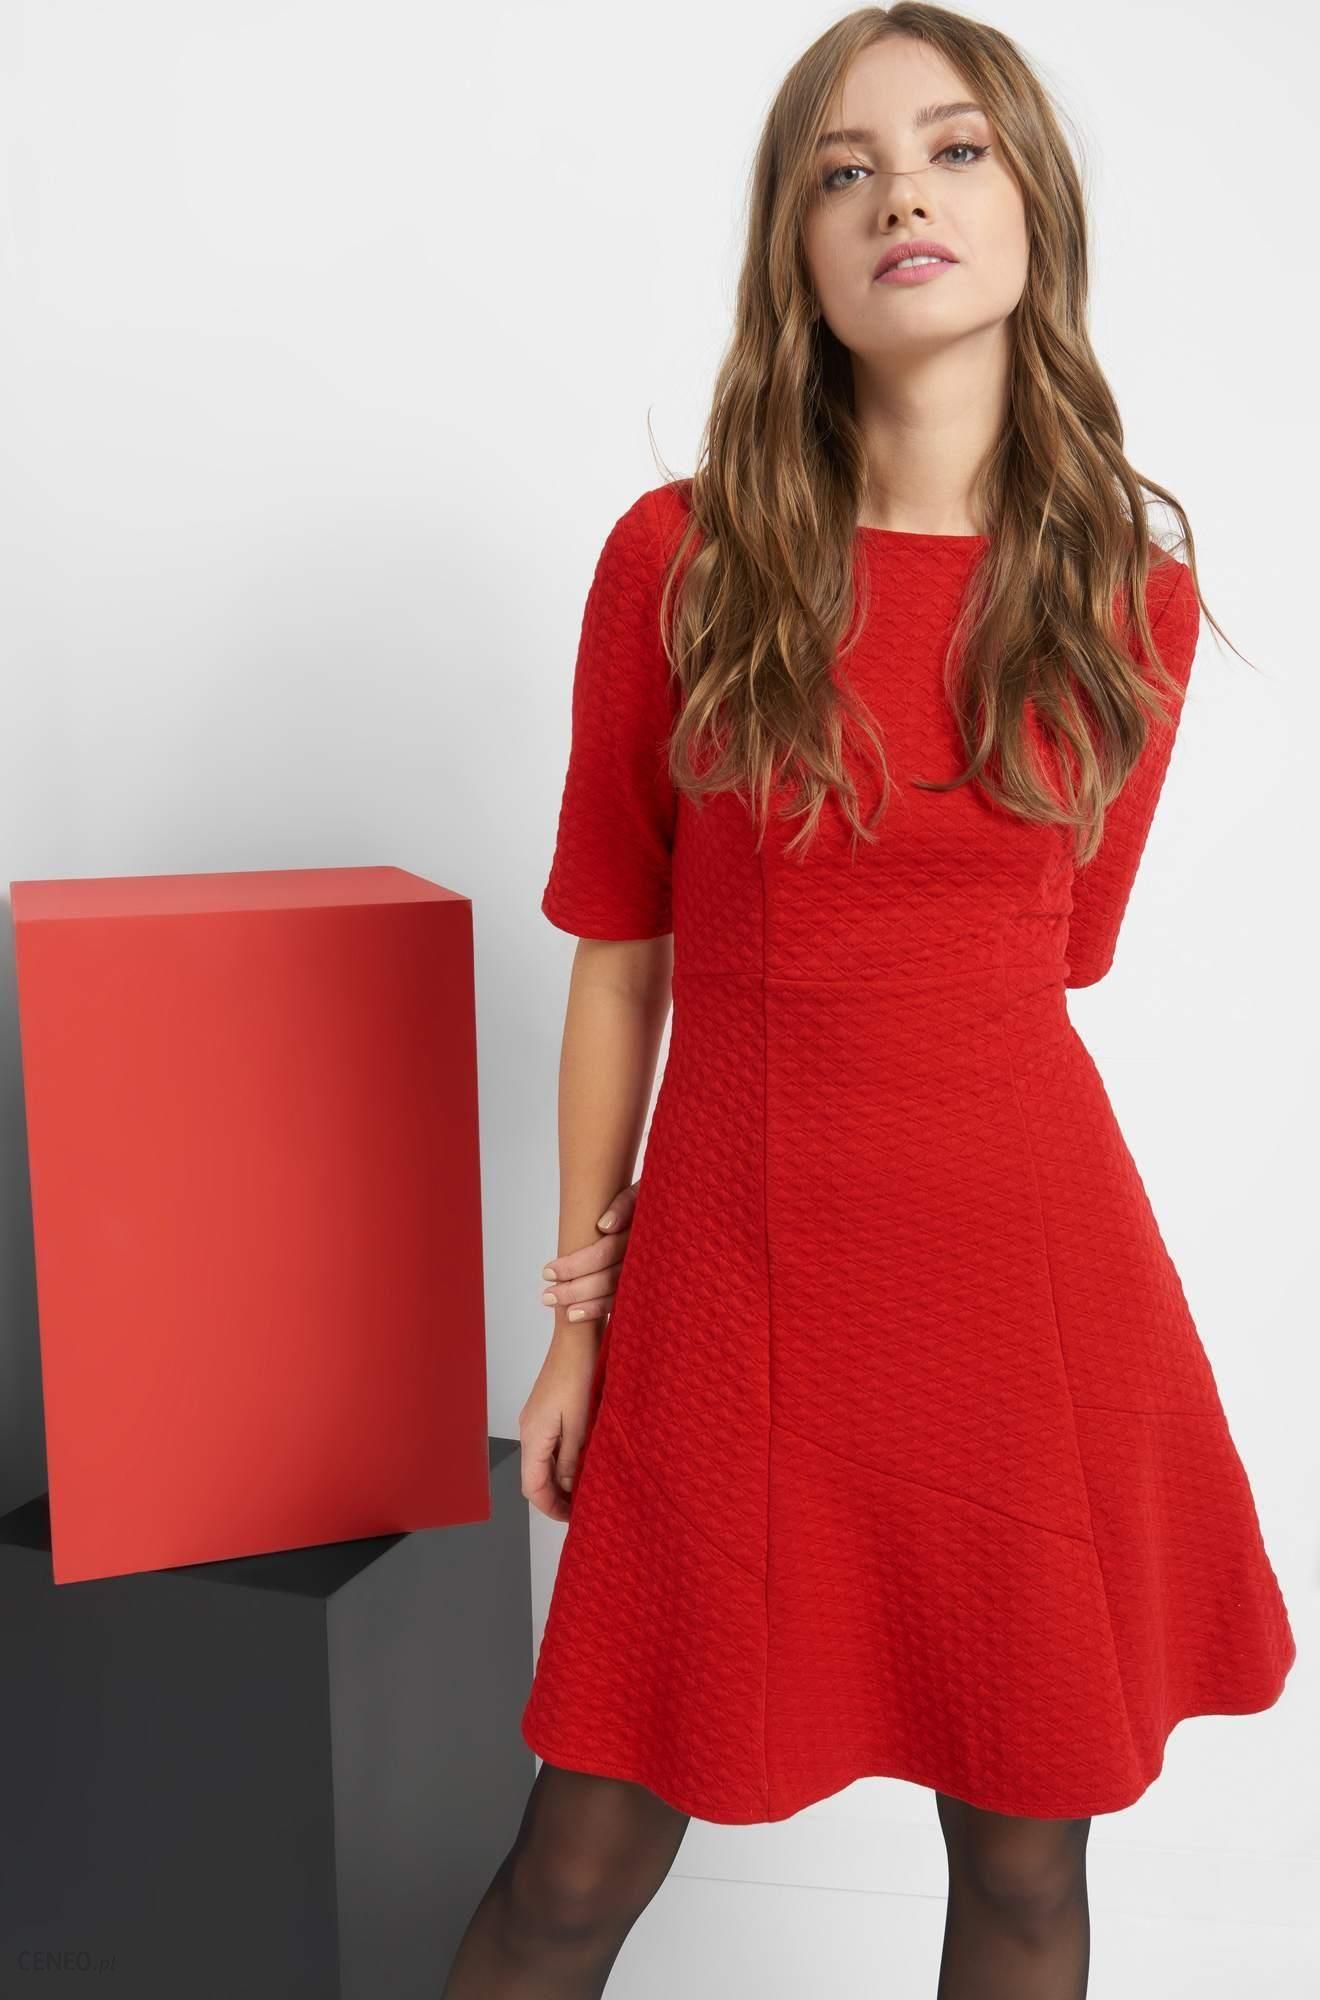 084b16b277 Orsay Rozkloszowana sukienka z fakturą - Ceny i opinie - Ceneo.pl